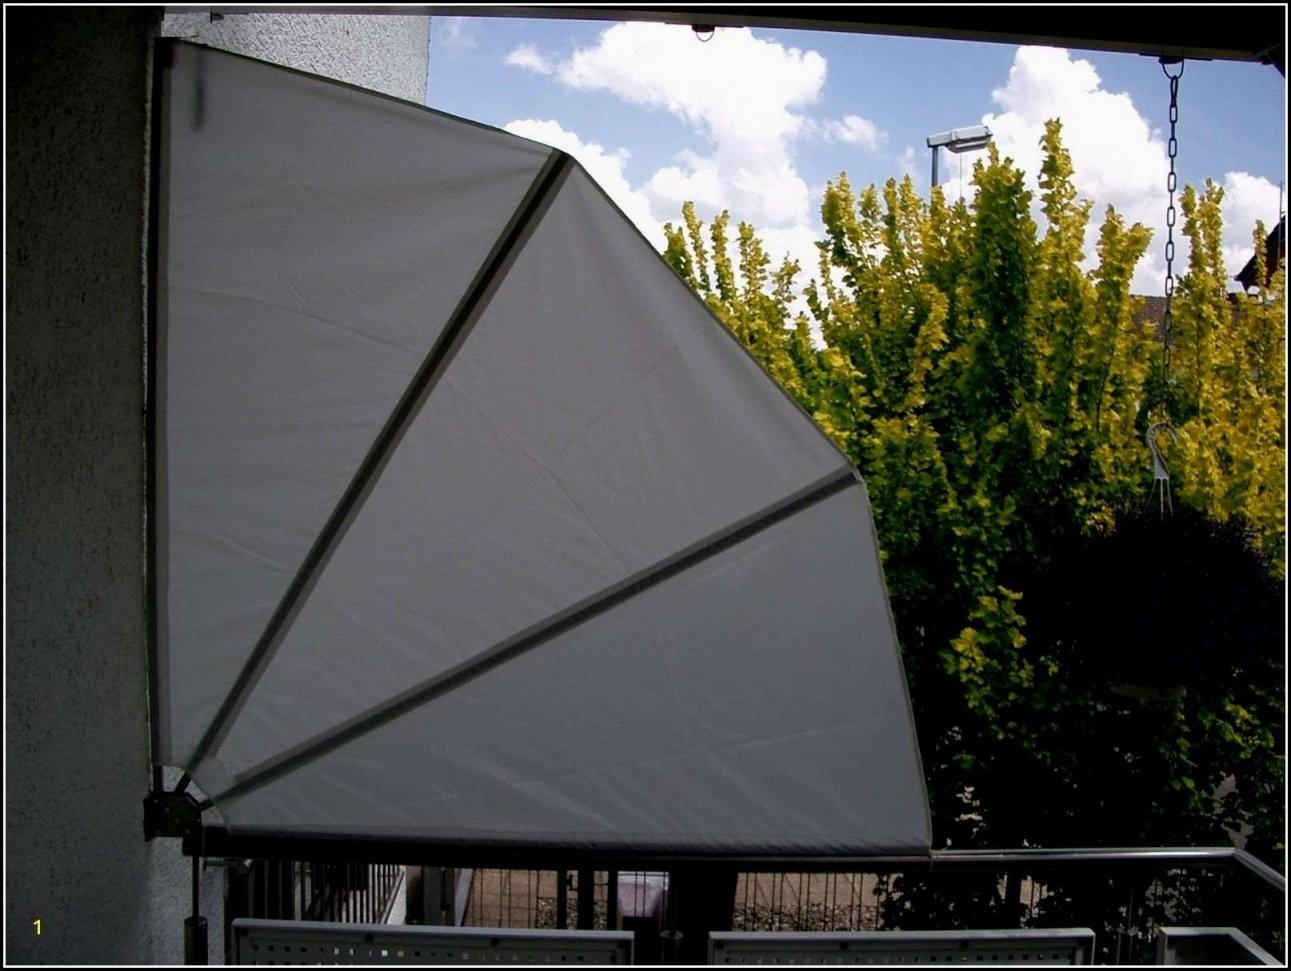 25 Frisch Balkon Sichtschutz Fächer Ohne Bohren Das Beste Von Planen von Sichtschutz Balkon Ohne Bohren Bild